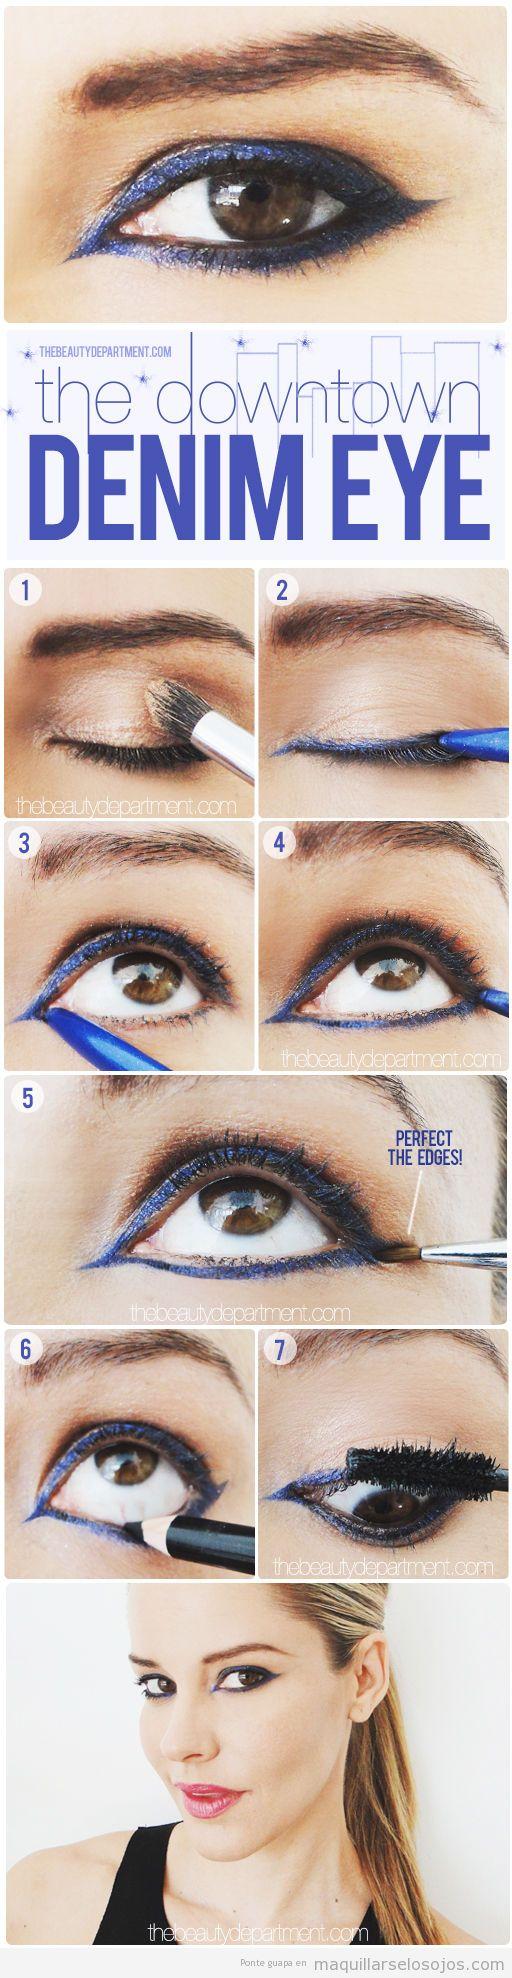 Tutorial para aprender a maquillar los ojos estilo denim o tejano